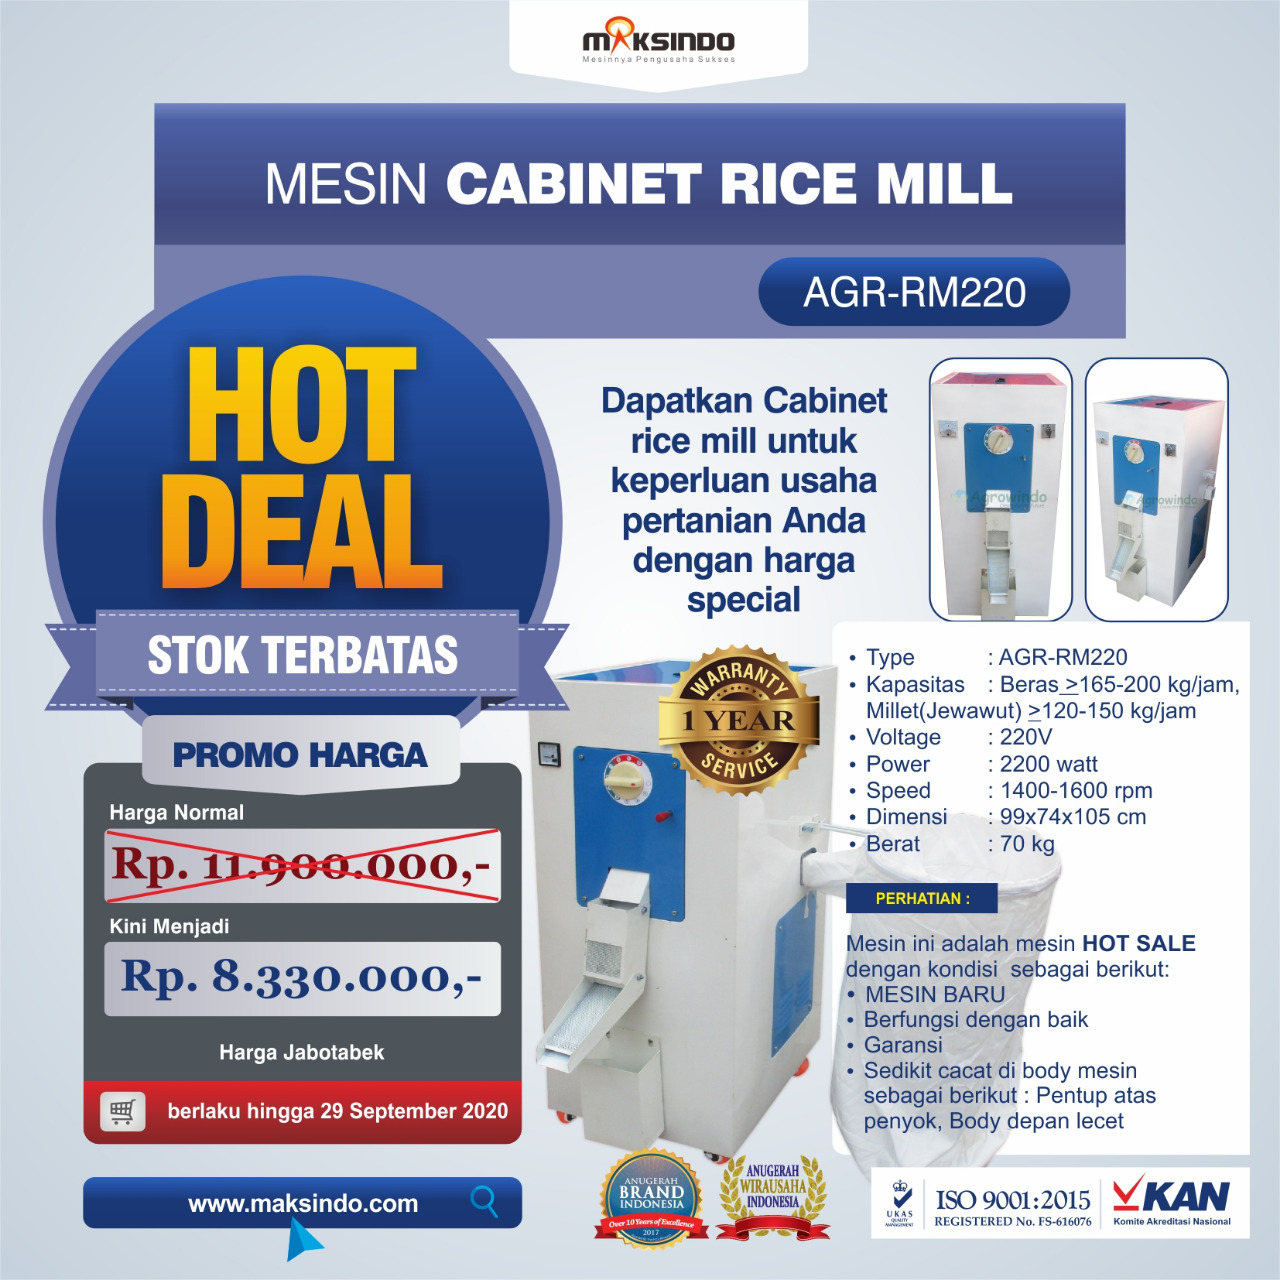 Jual Mesin Cabinet Rice Mill AGR-RM220 di Palembang